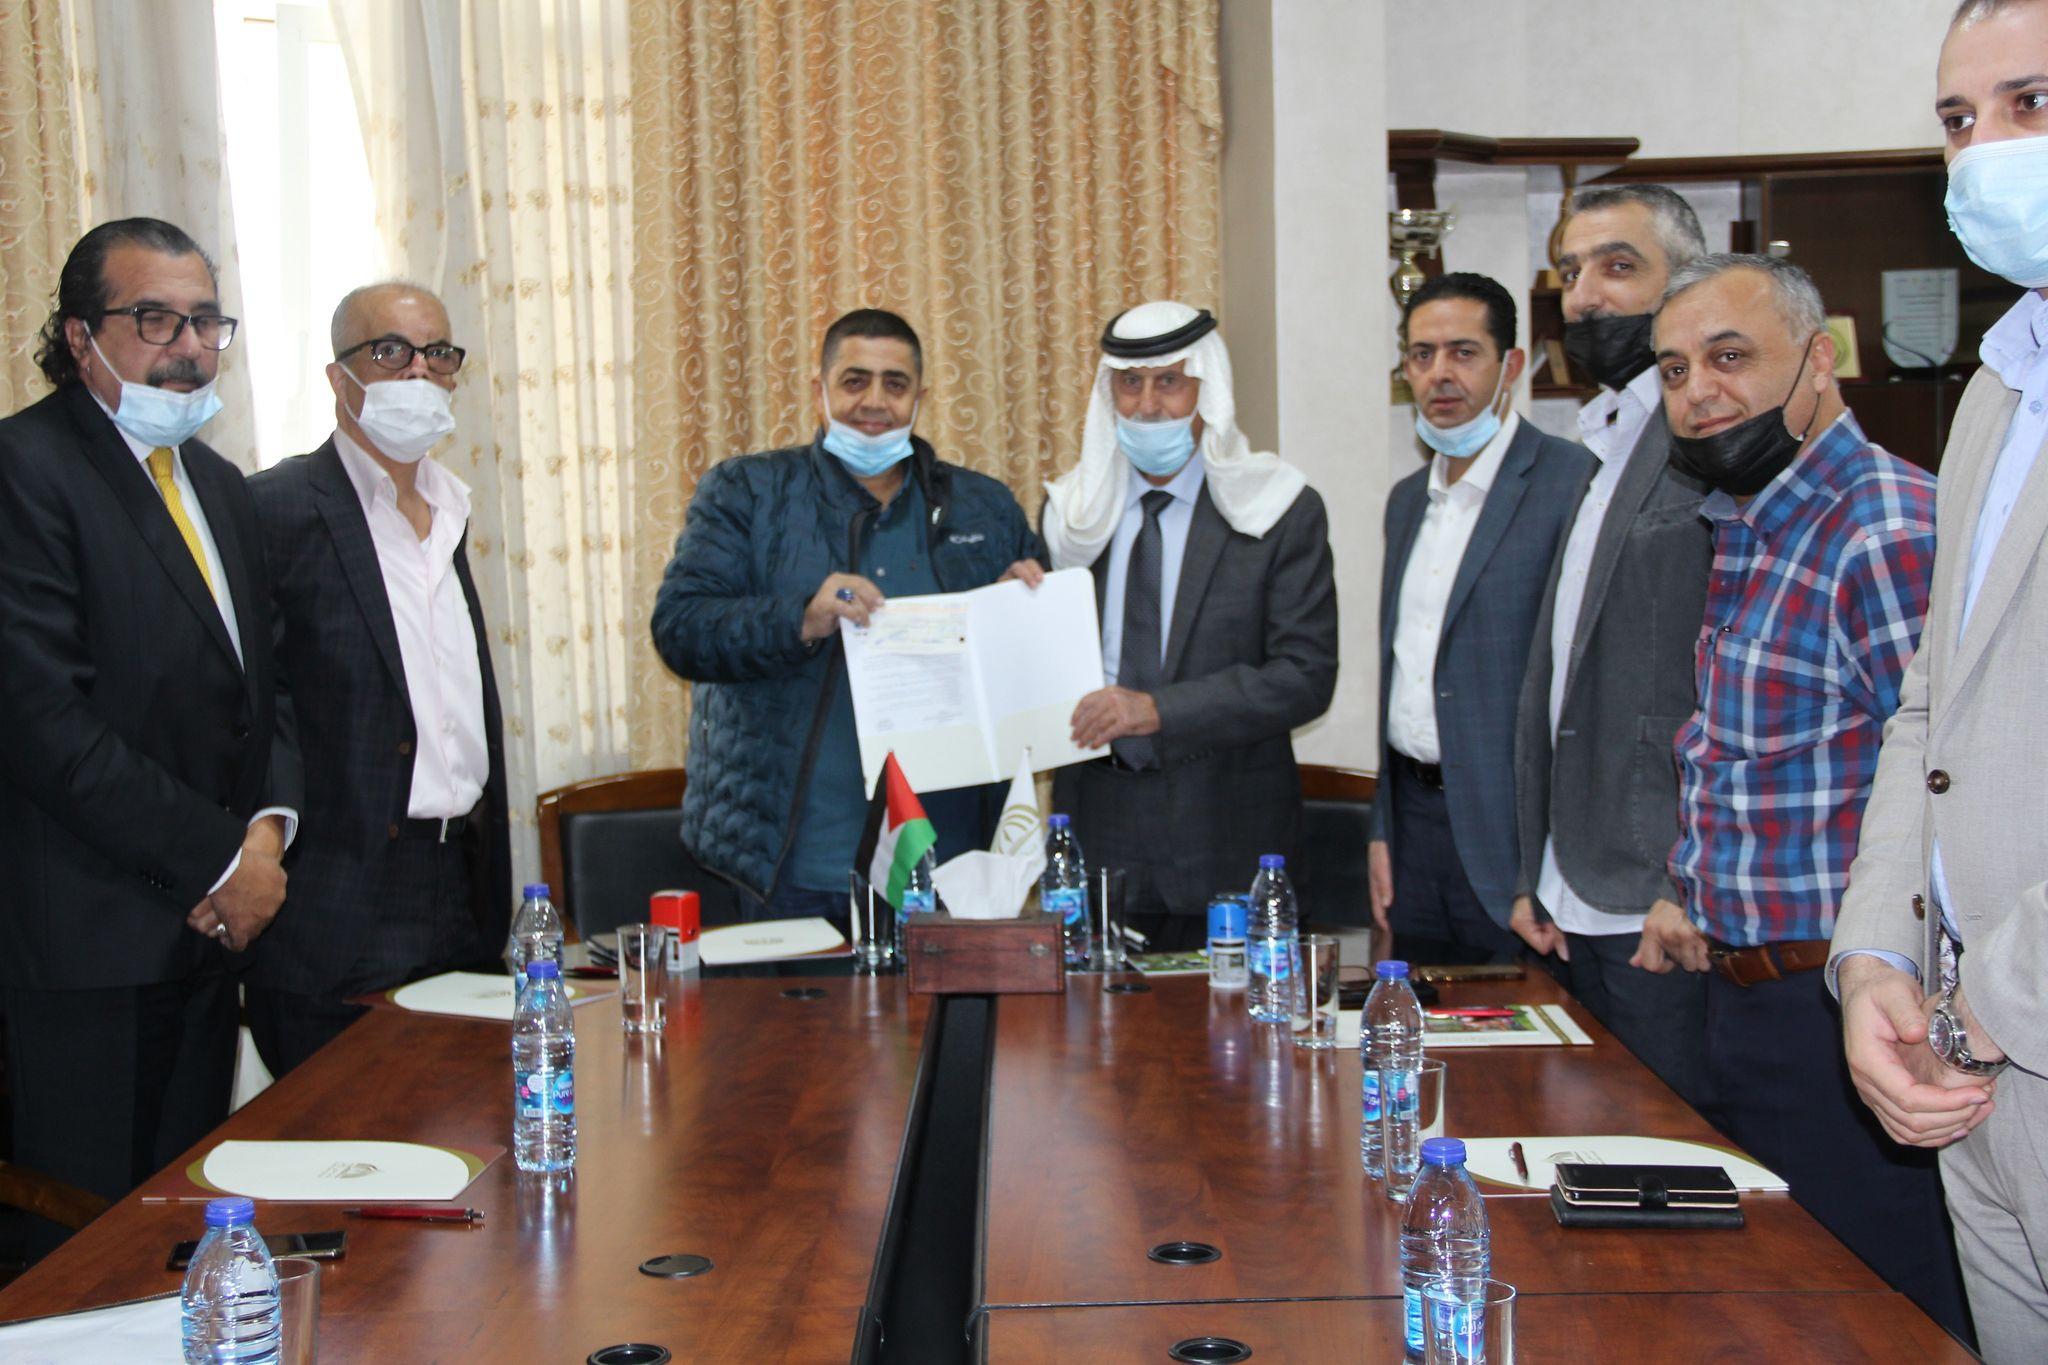 جامعة فلسطين الاهلية واللجنة القطرية الدائمة لدعم القدس توقعان اتفاقية لدعم الطلبة المقدسيين